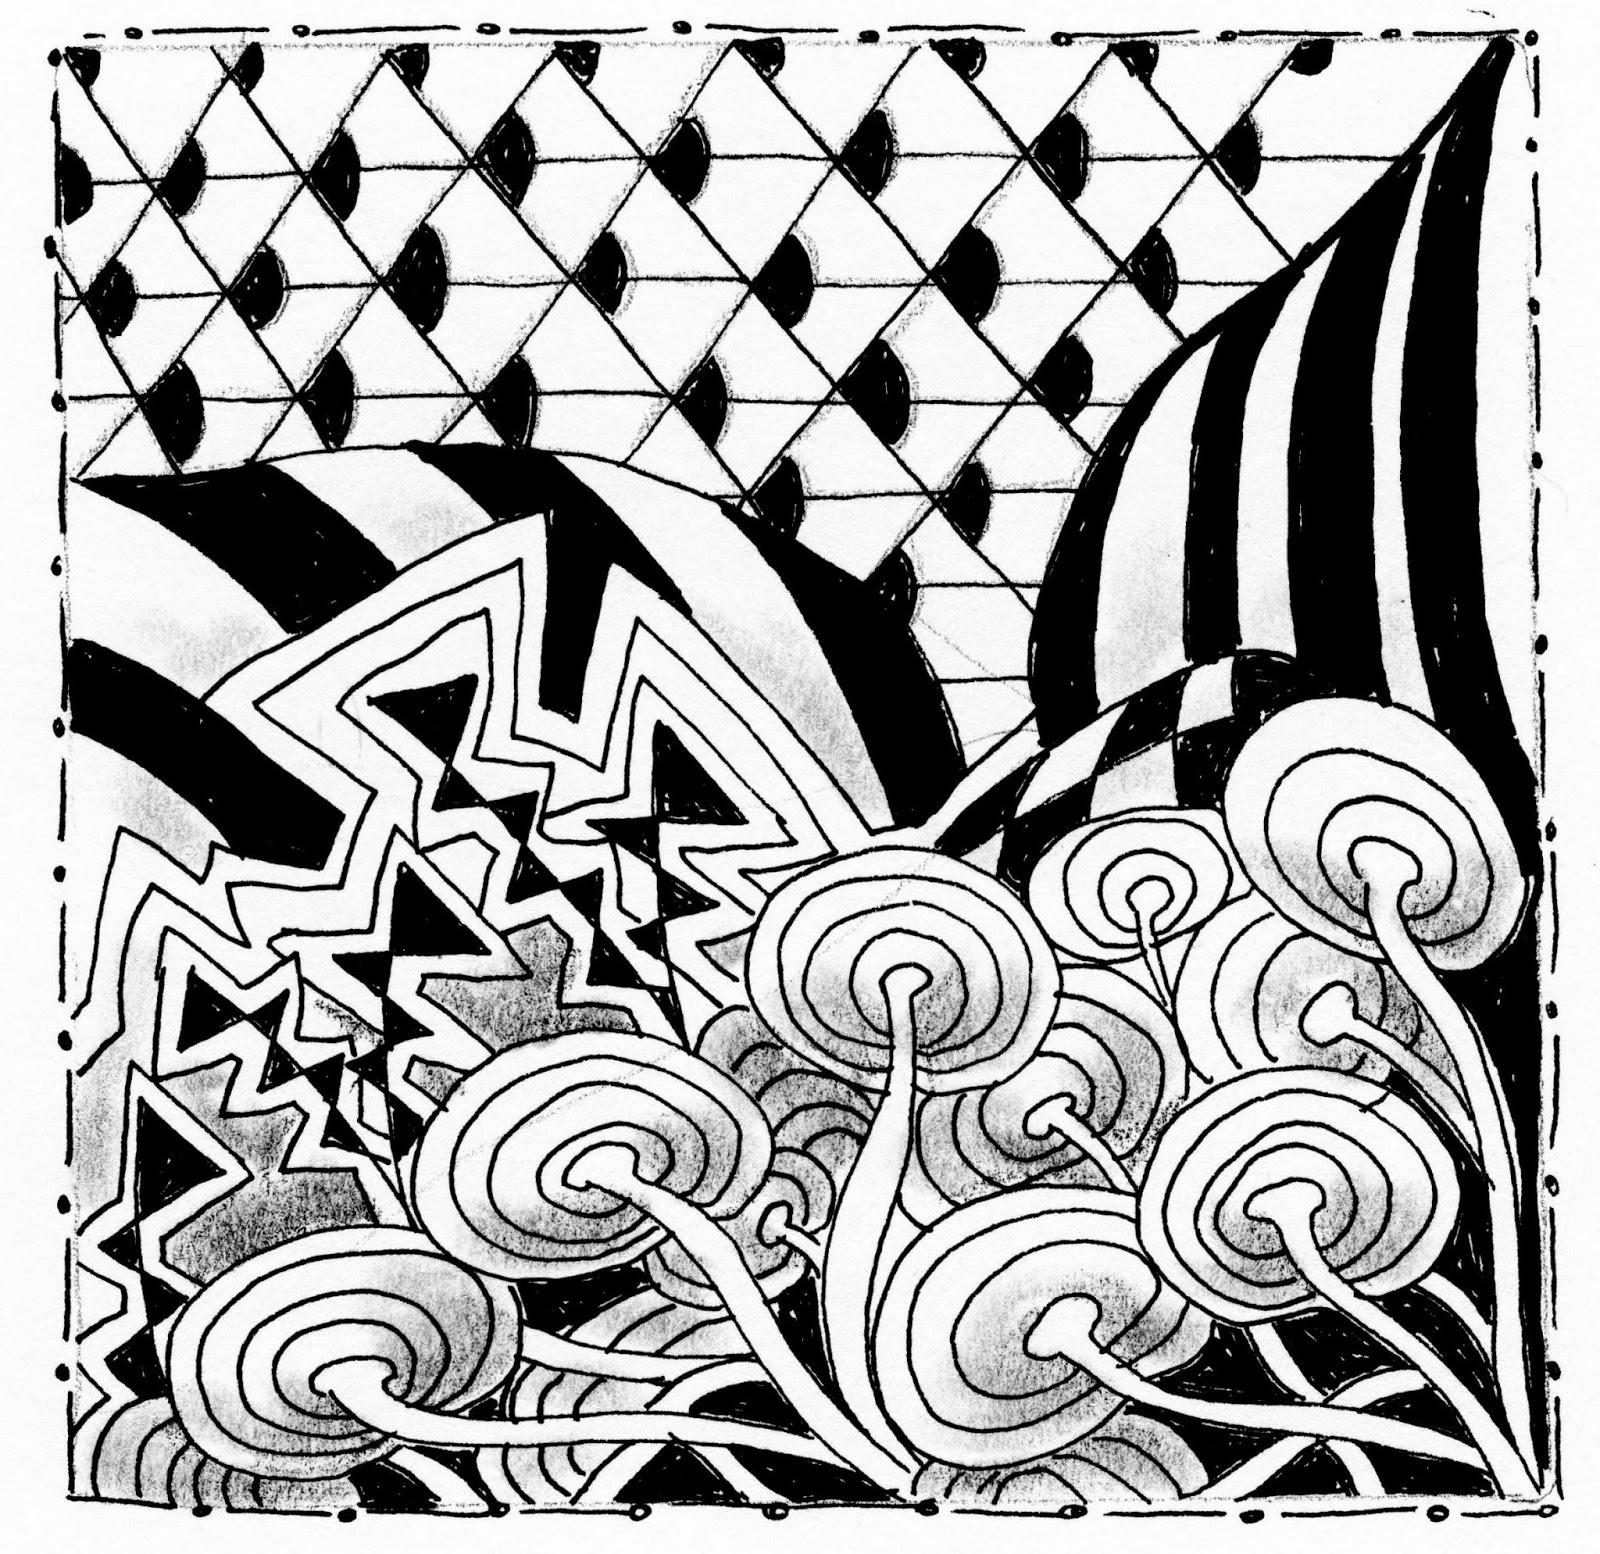 Zen Line Art : Roberta warshaw art and design zen the of tangling